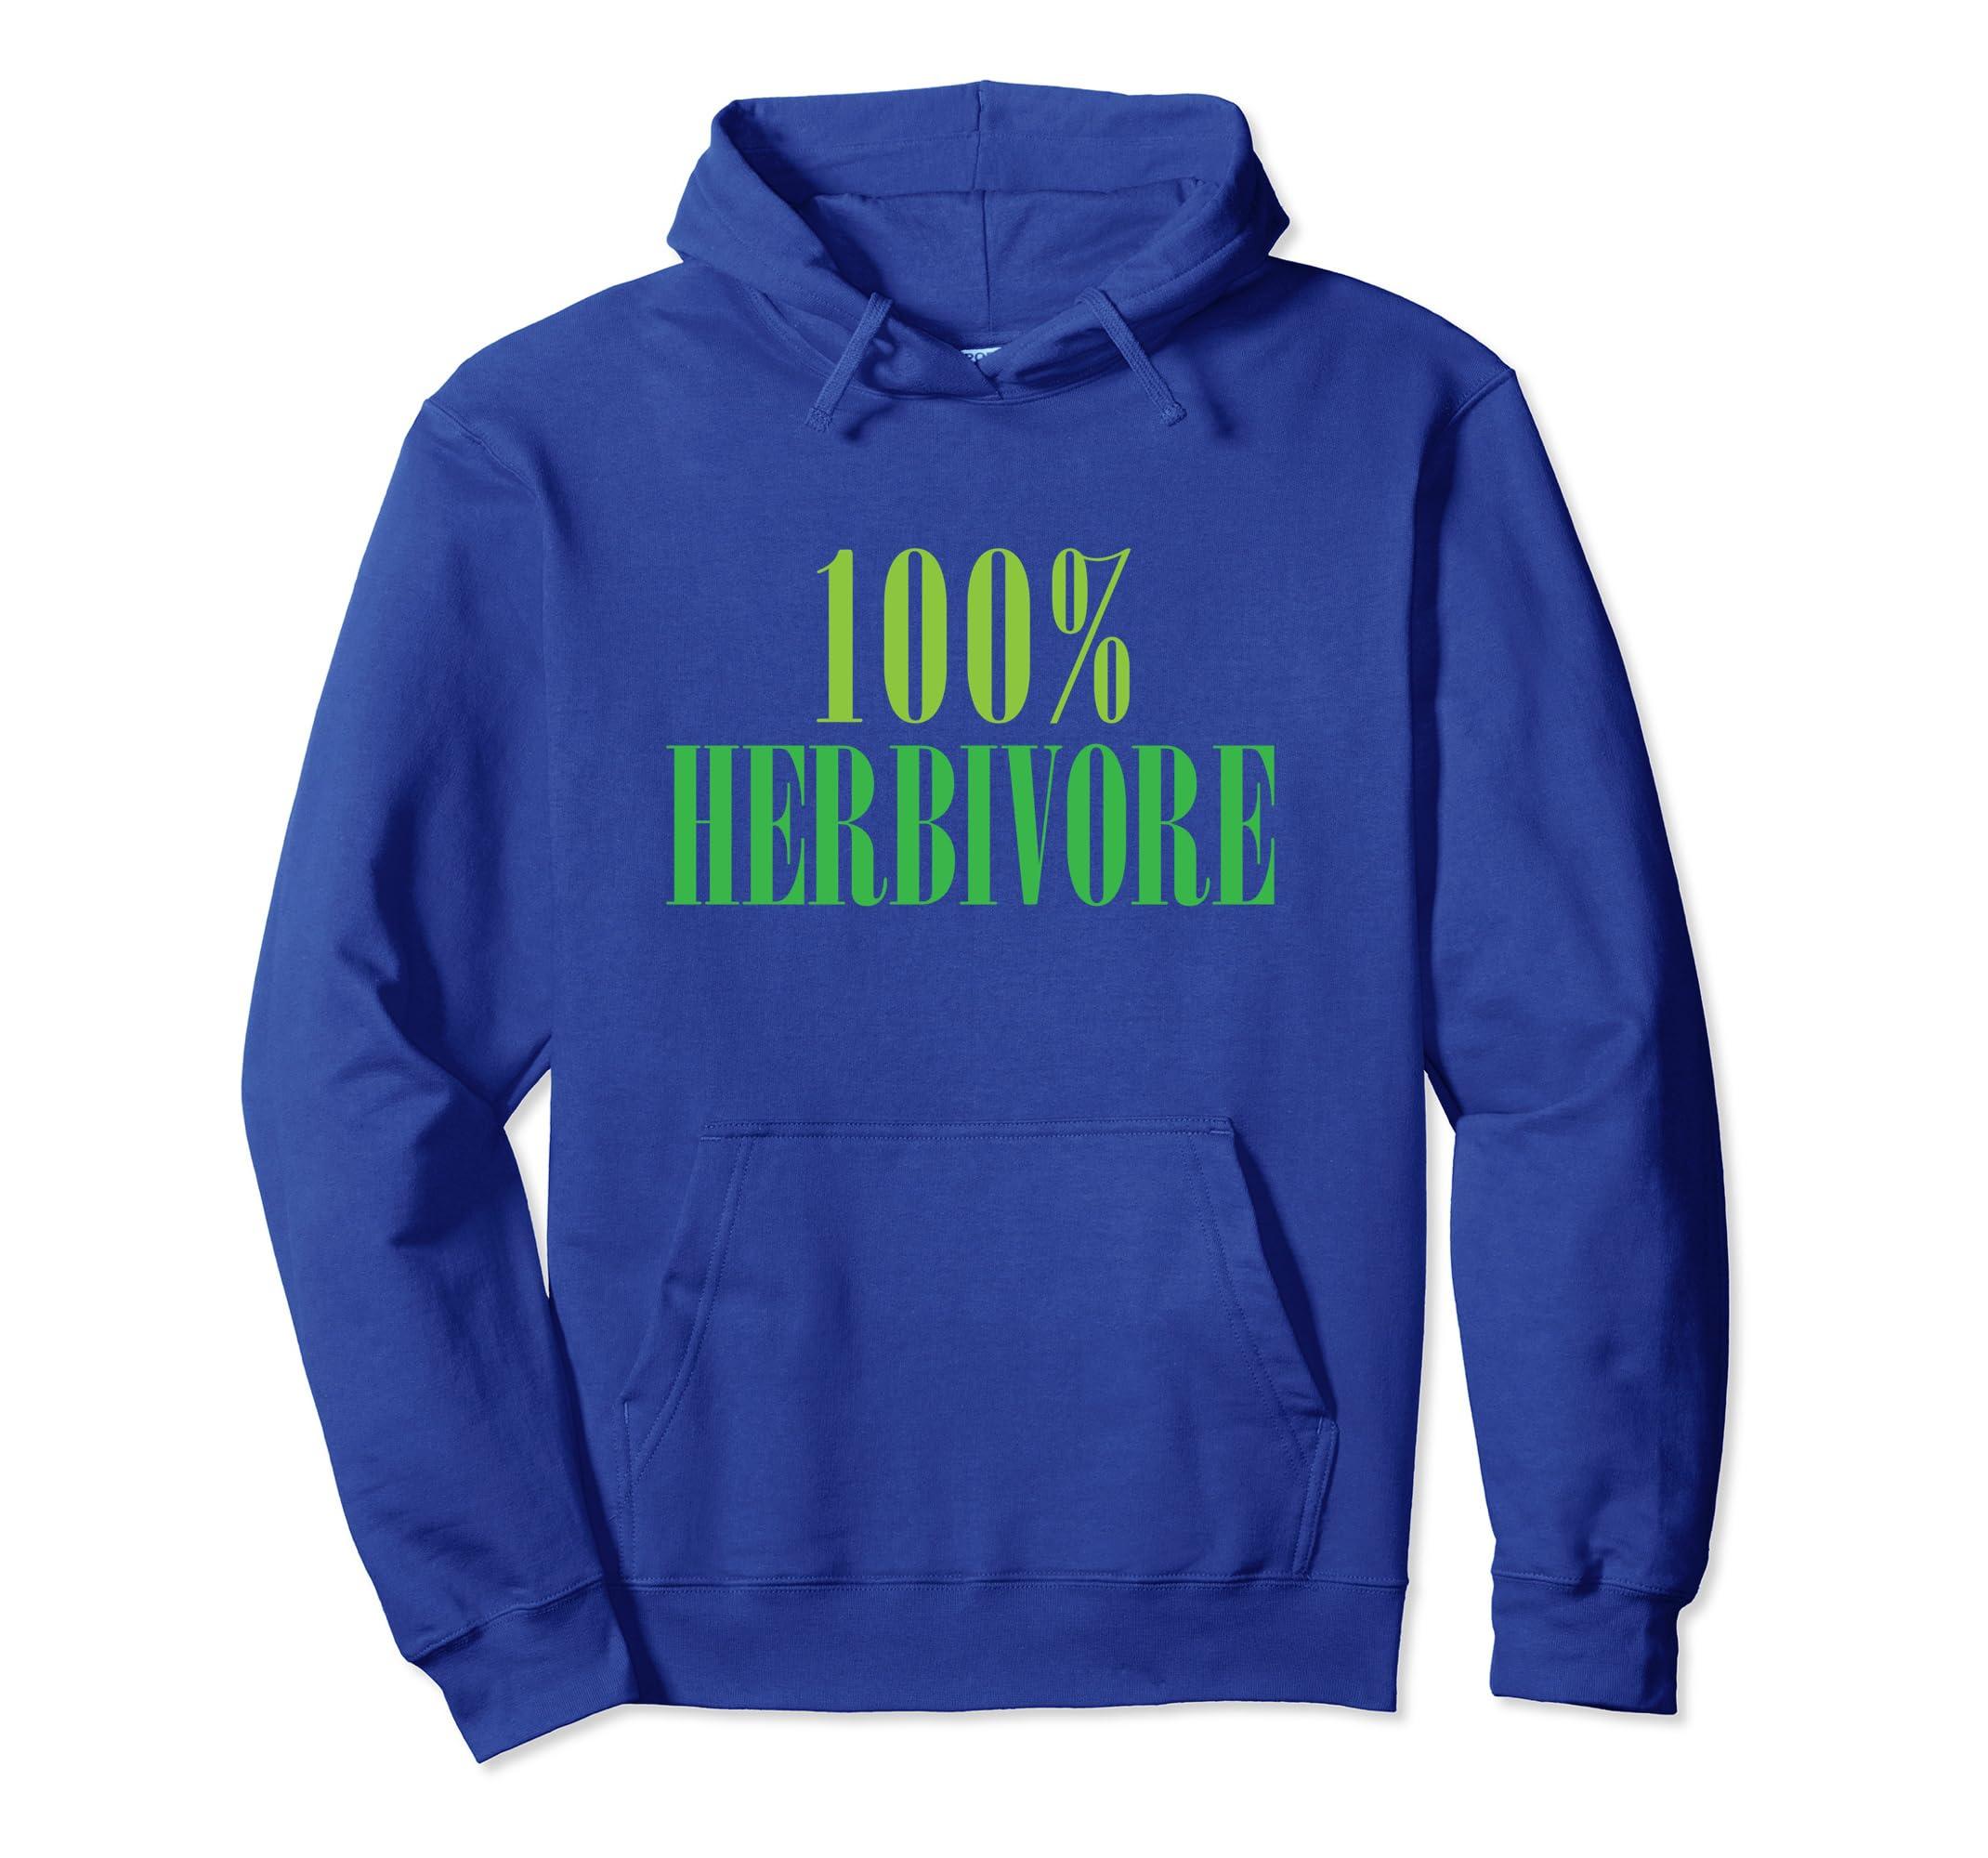 100% Herbivore Vegan Hoodie